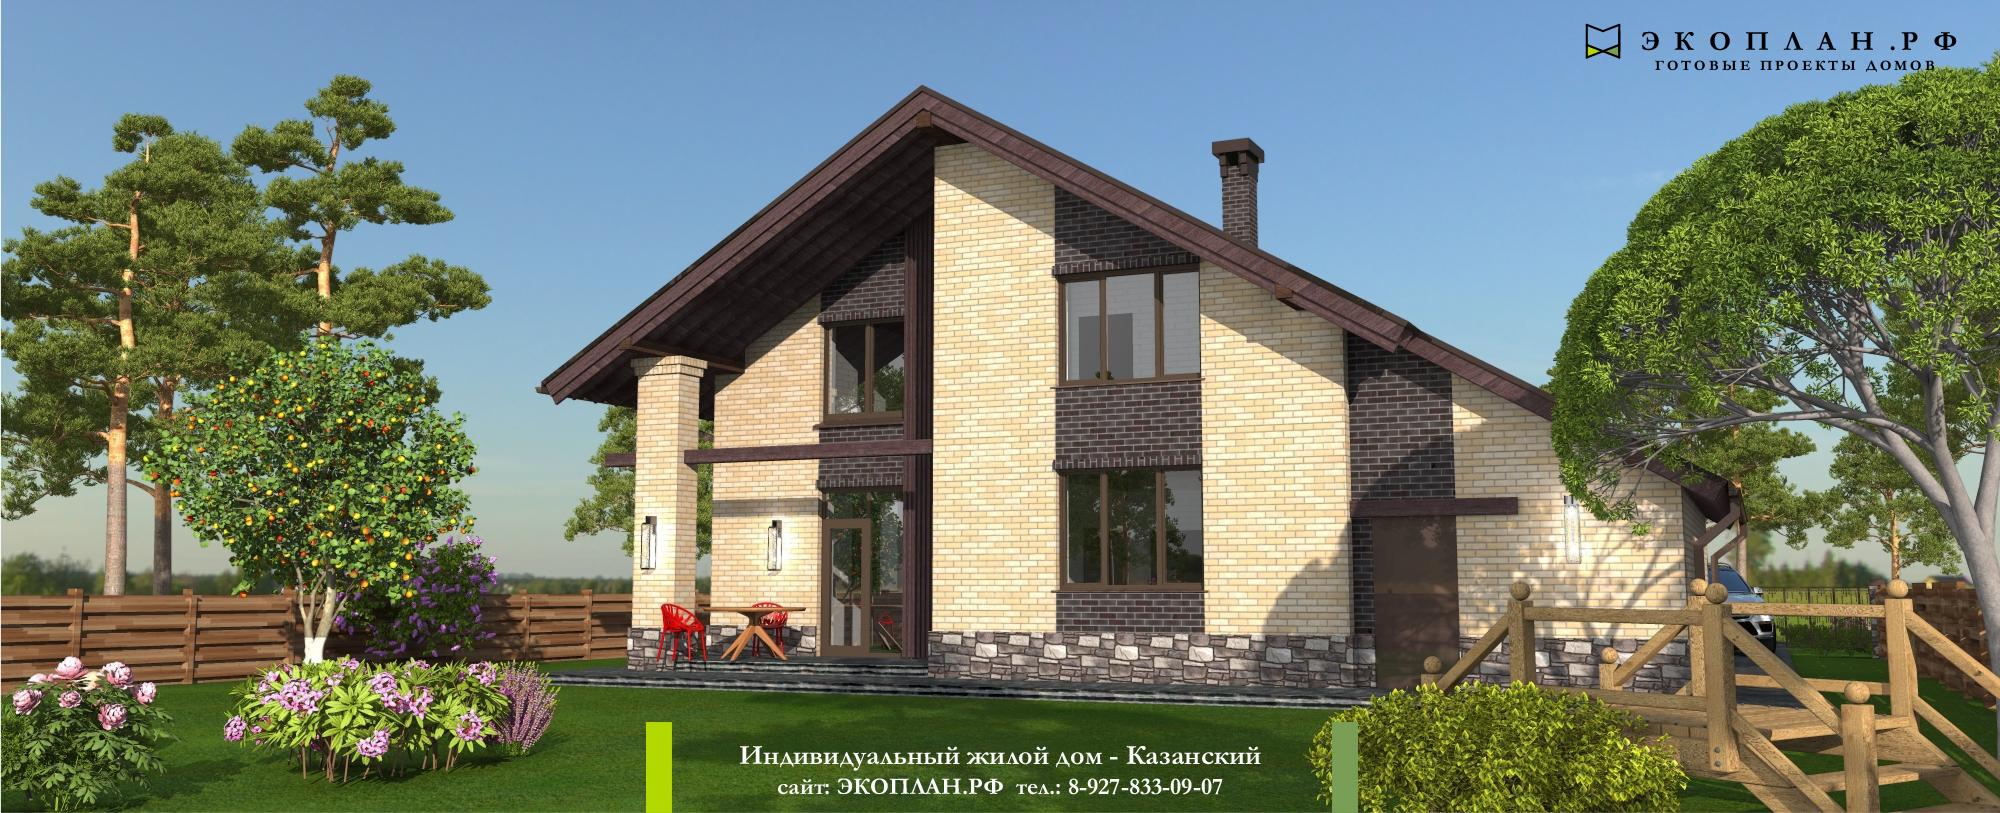 Казанский - Готовый проект дома - ЭКОПЛАН фасад